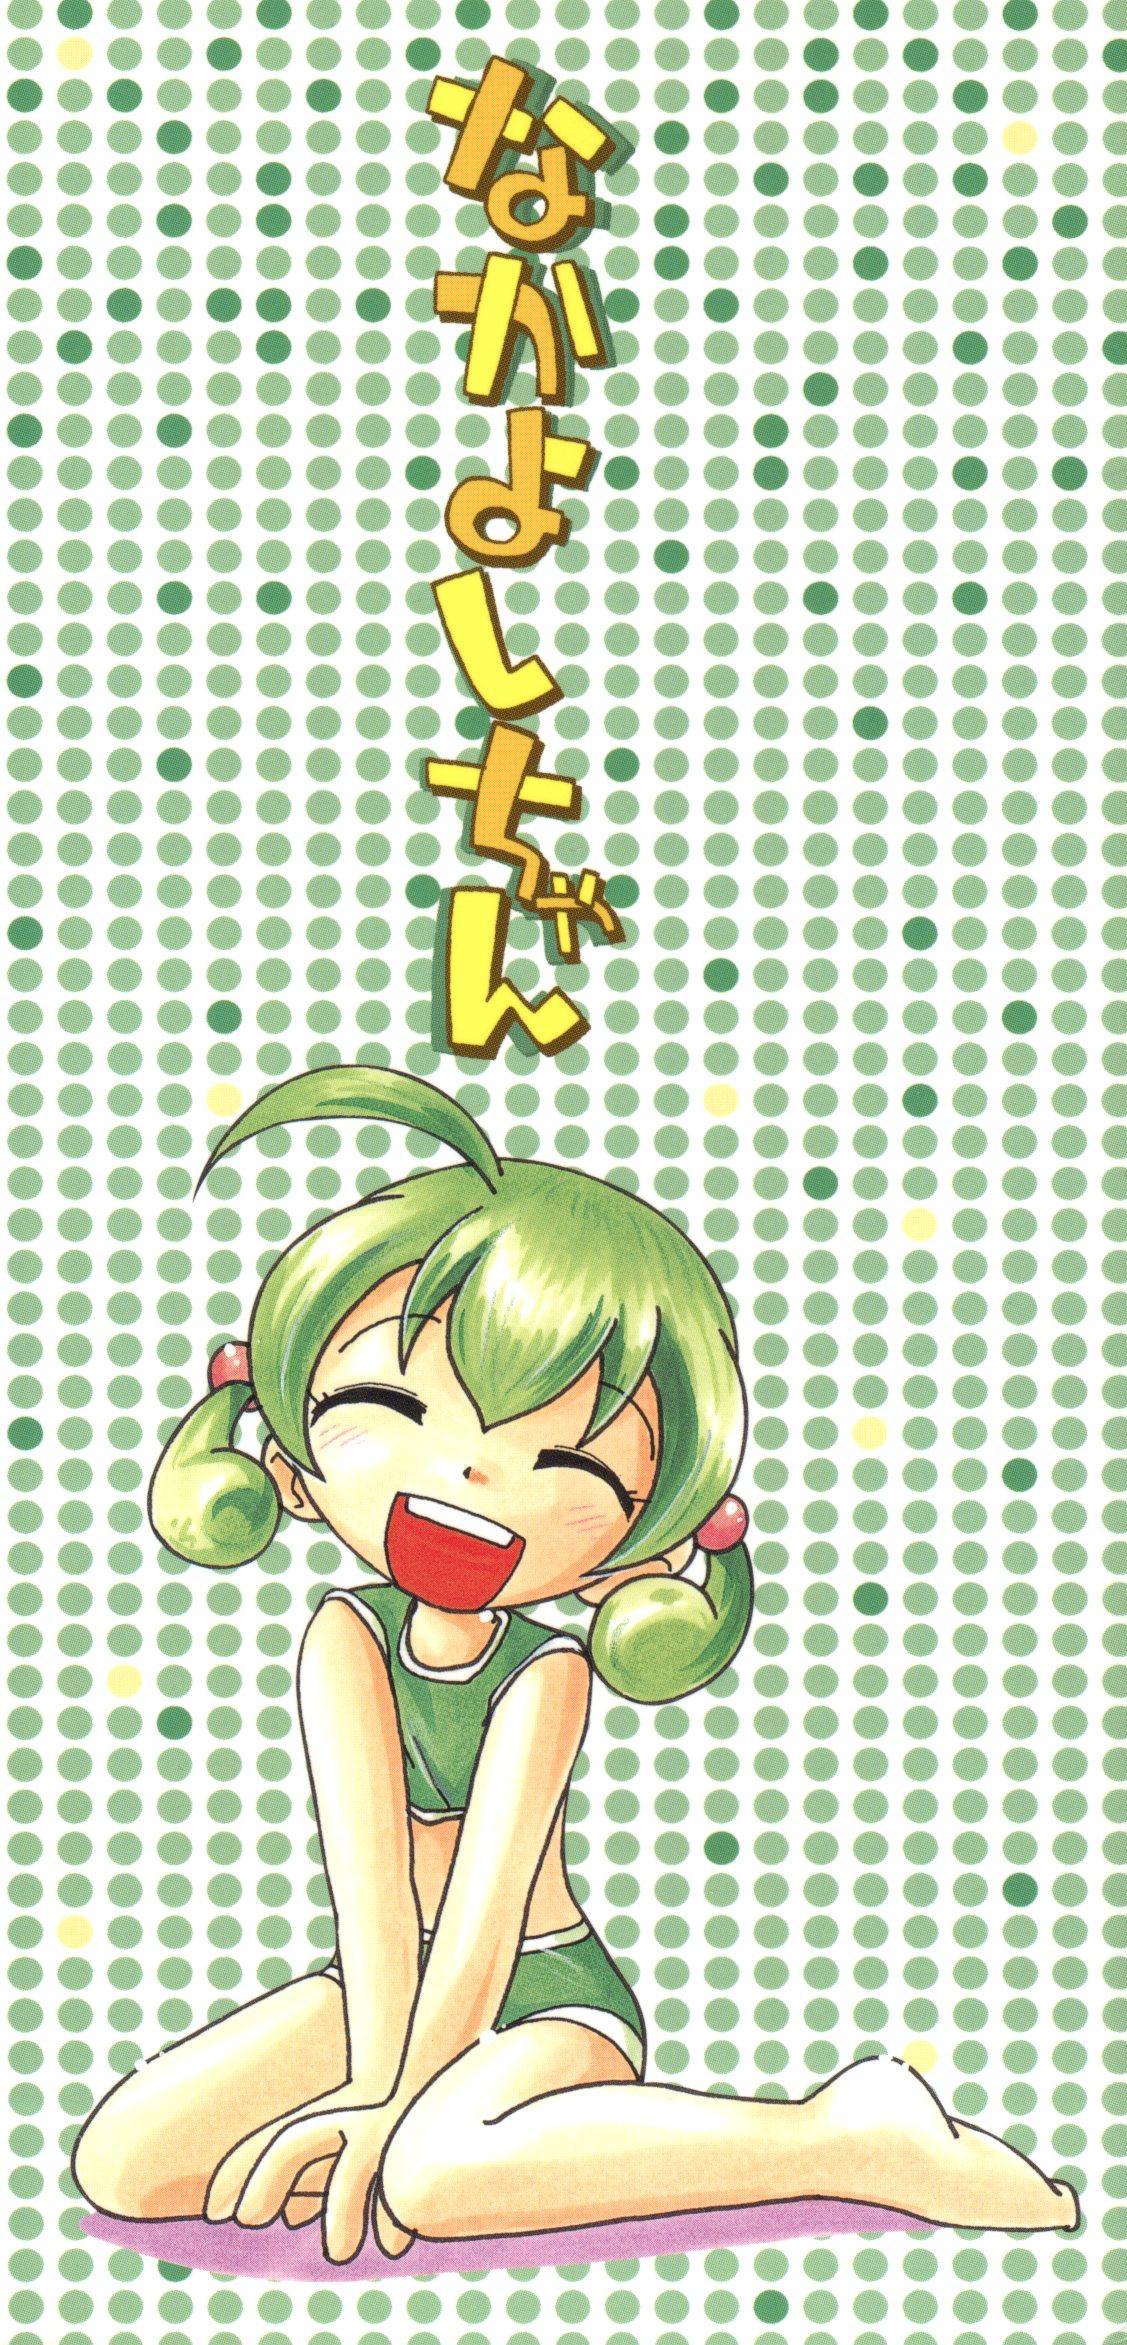 Nakayoshi-chan 2